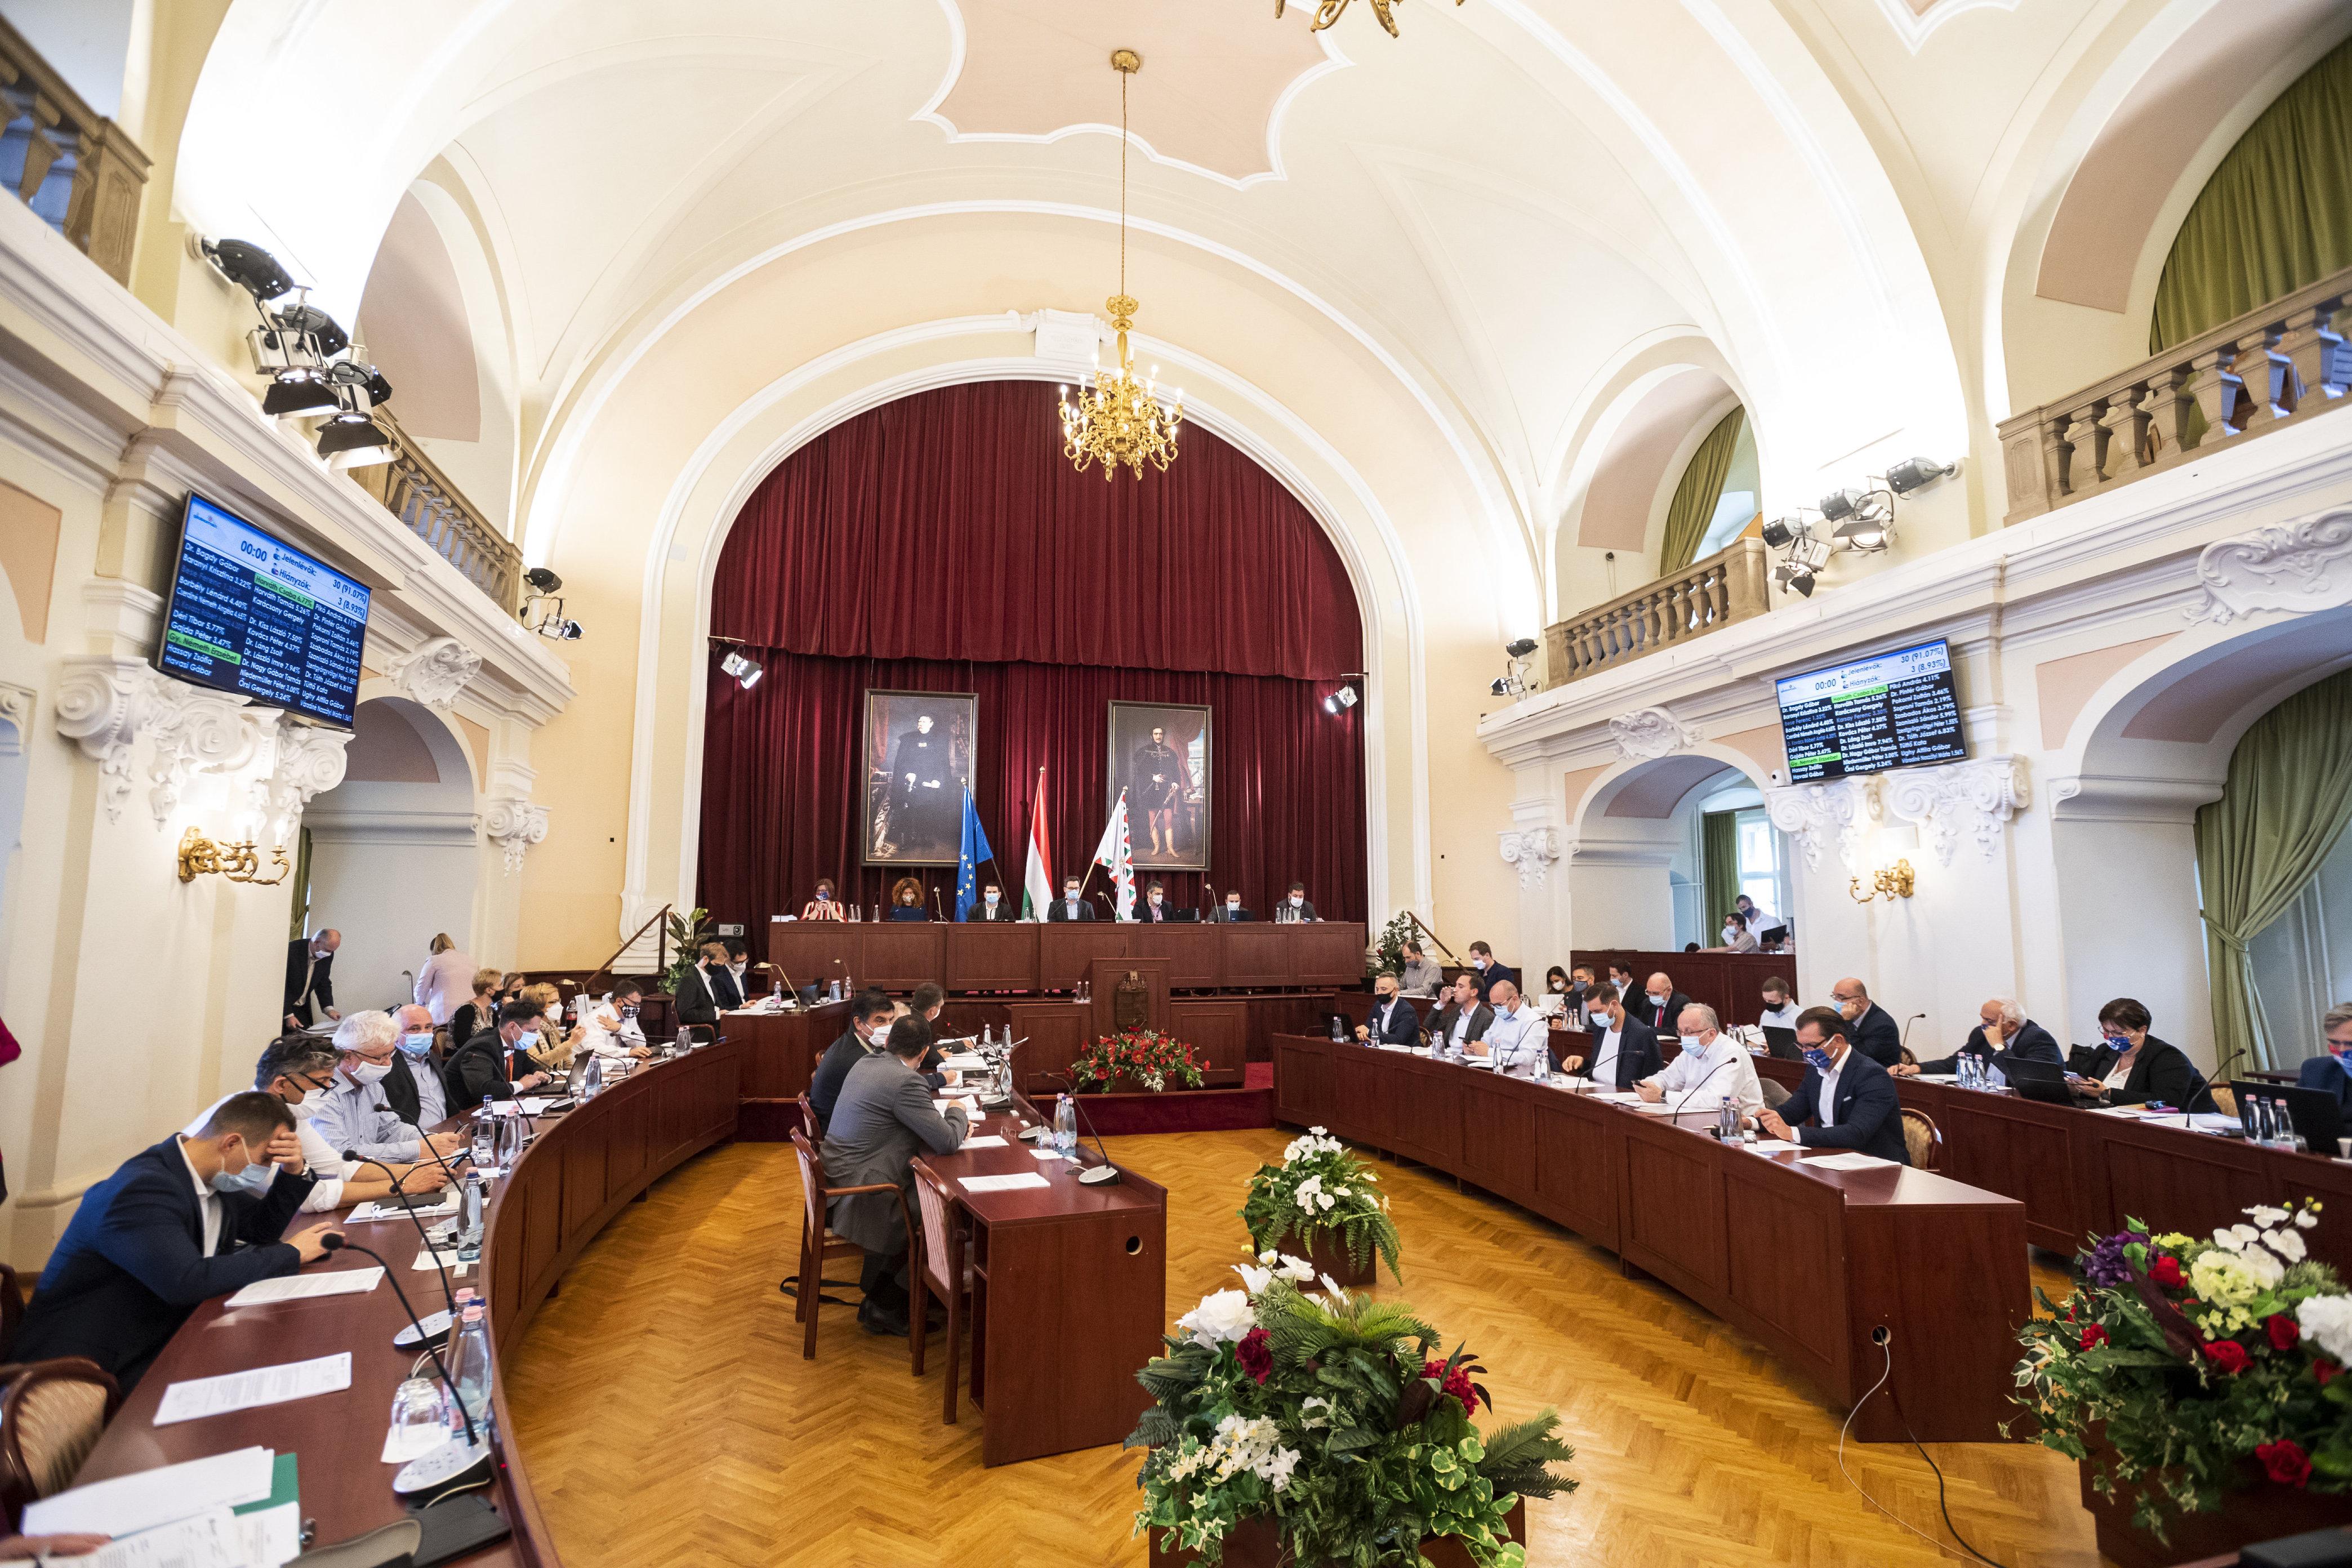 Megszavazta a Városliget beépítésének megakadályozását a Fővárosi Közgyűlés